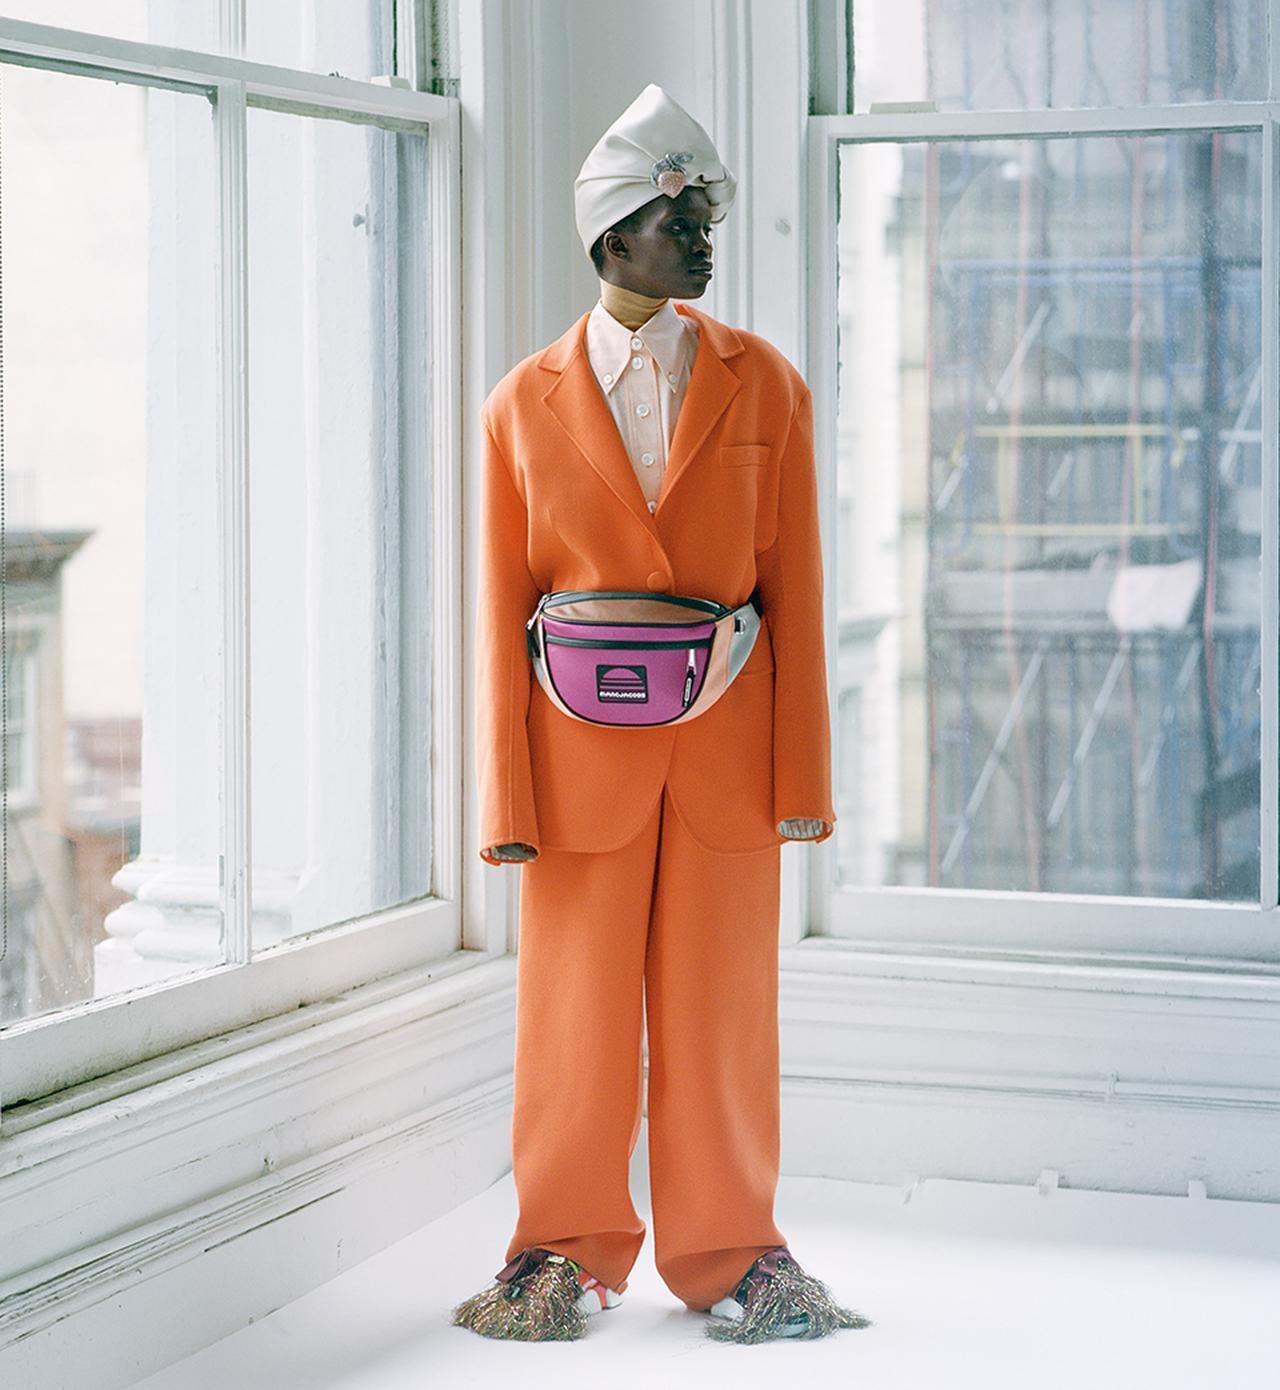 Images : 3番目の画像 - 「ファッションが映し出す、 世界の終わりの予感」のアルバム - T JAPAN:The New York Times Style Magazine 公式サイト